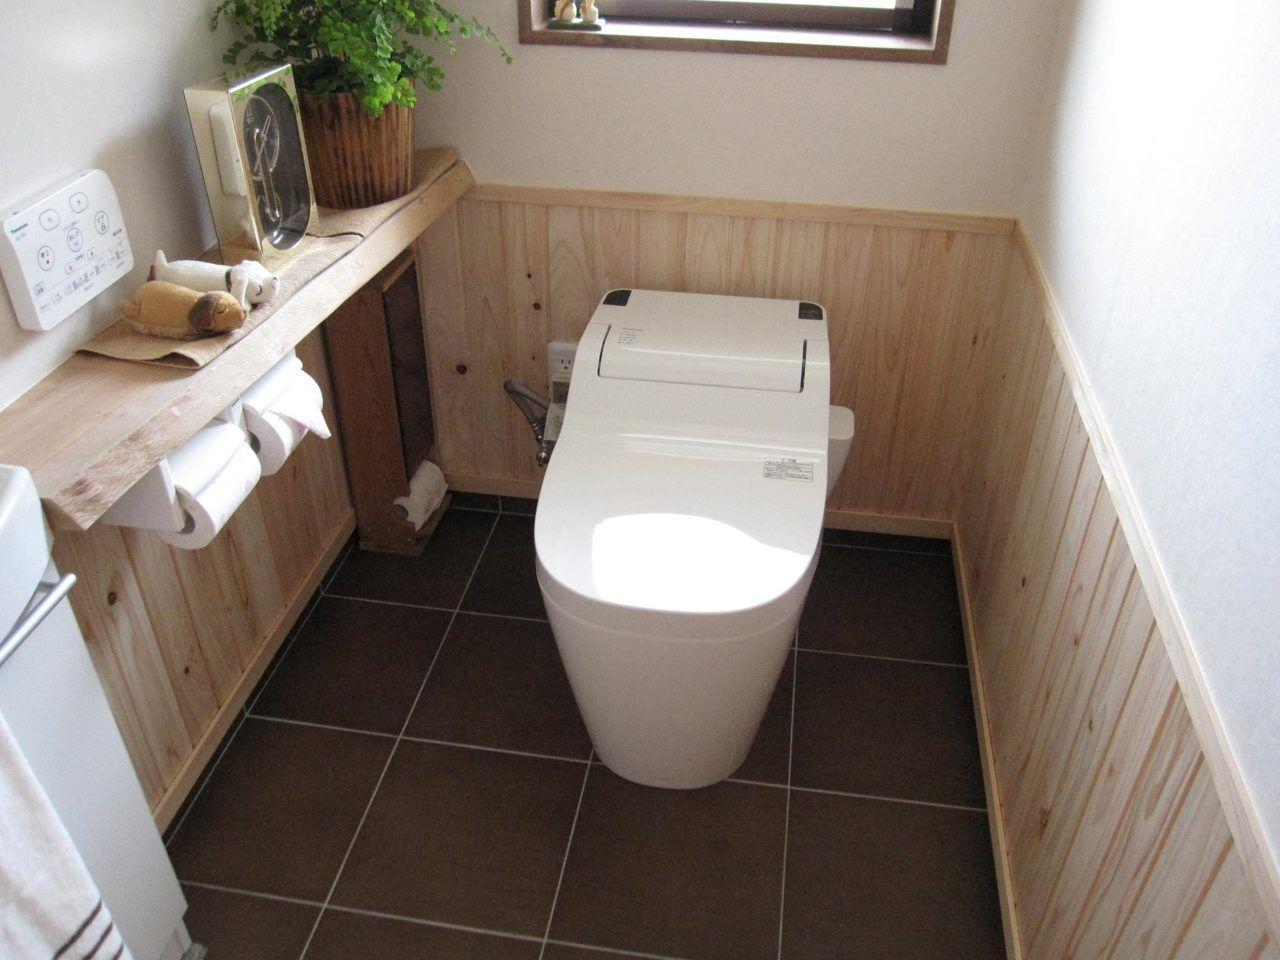 トイレの床をタイルに張替えリフォームする費用や価格は トイレ